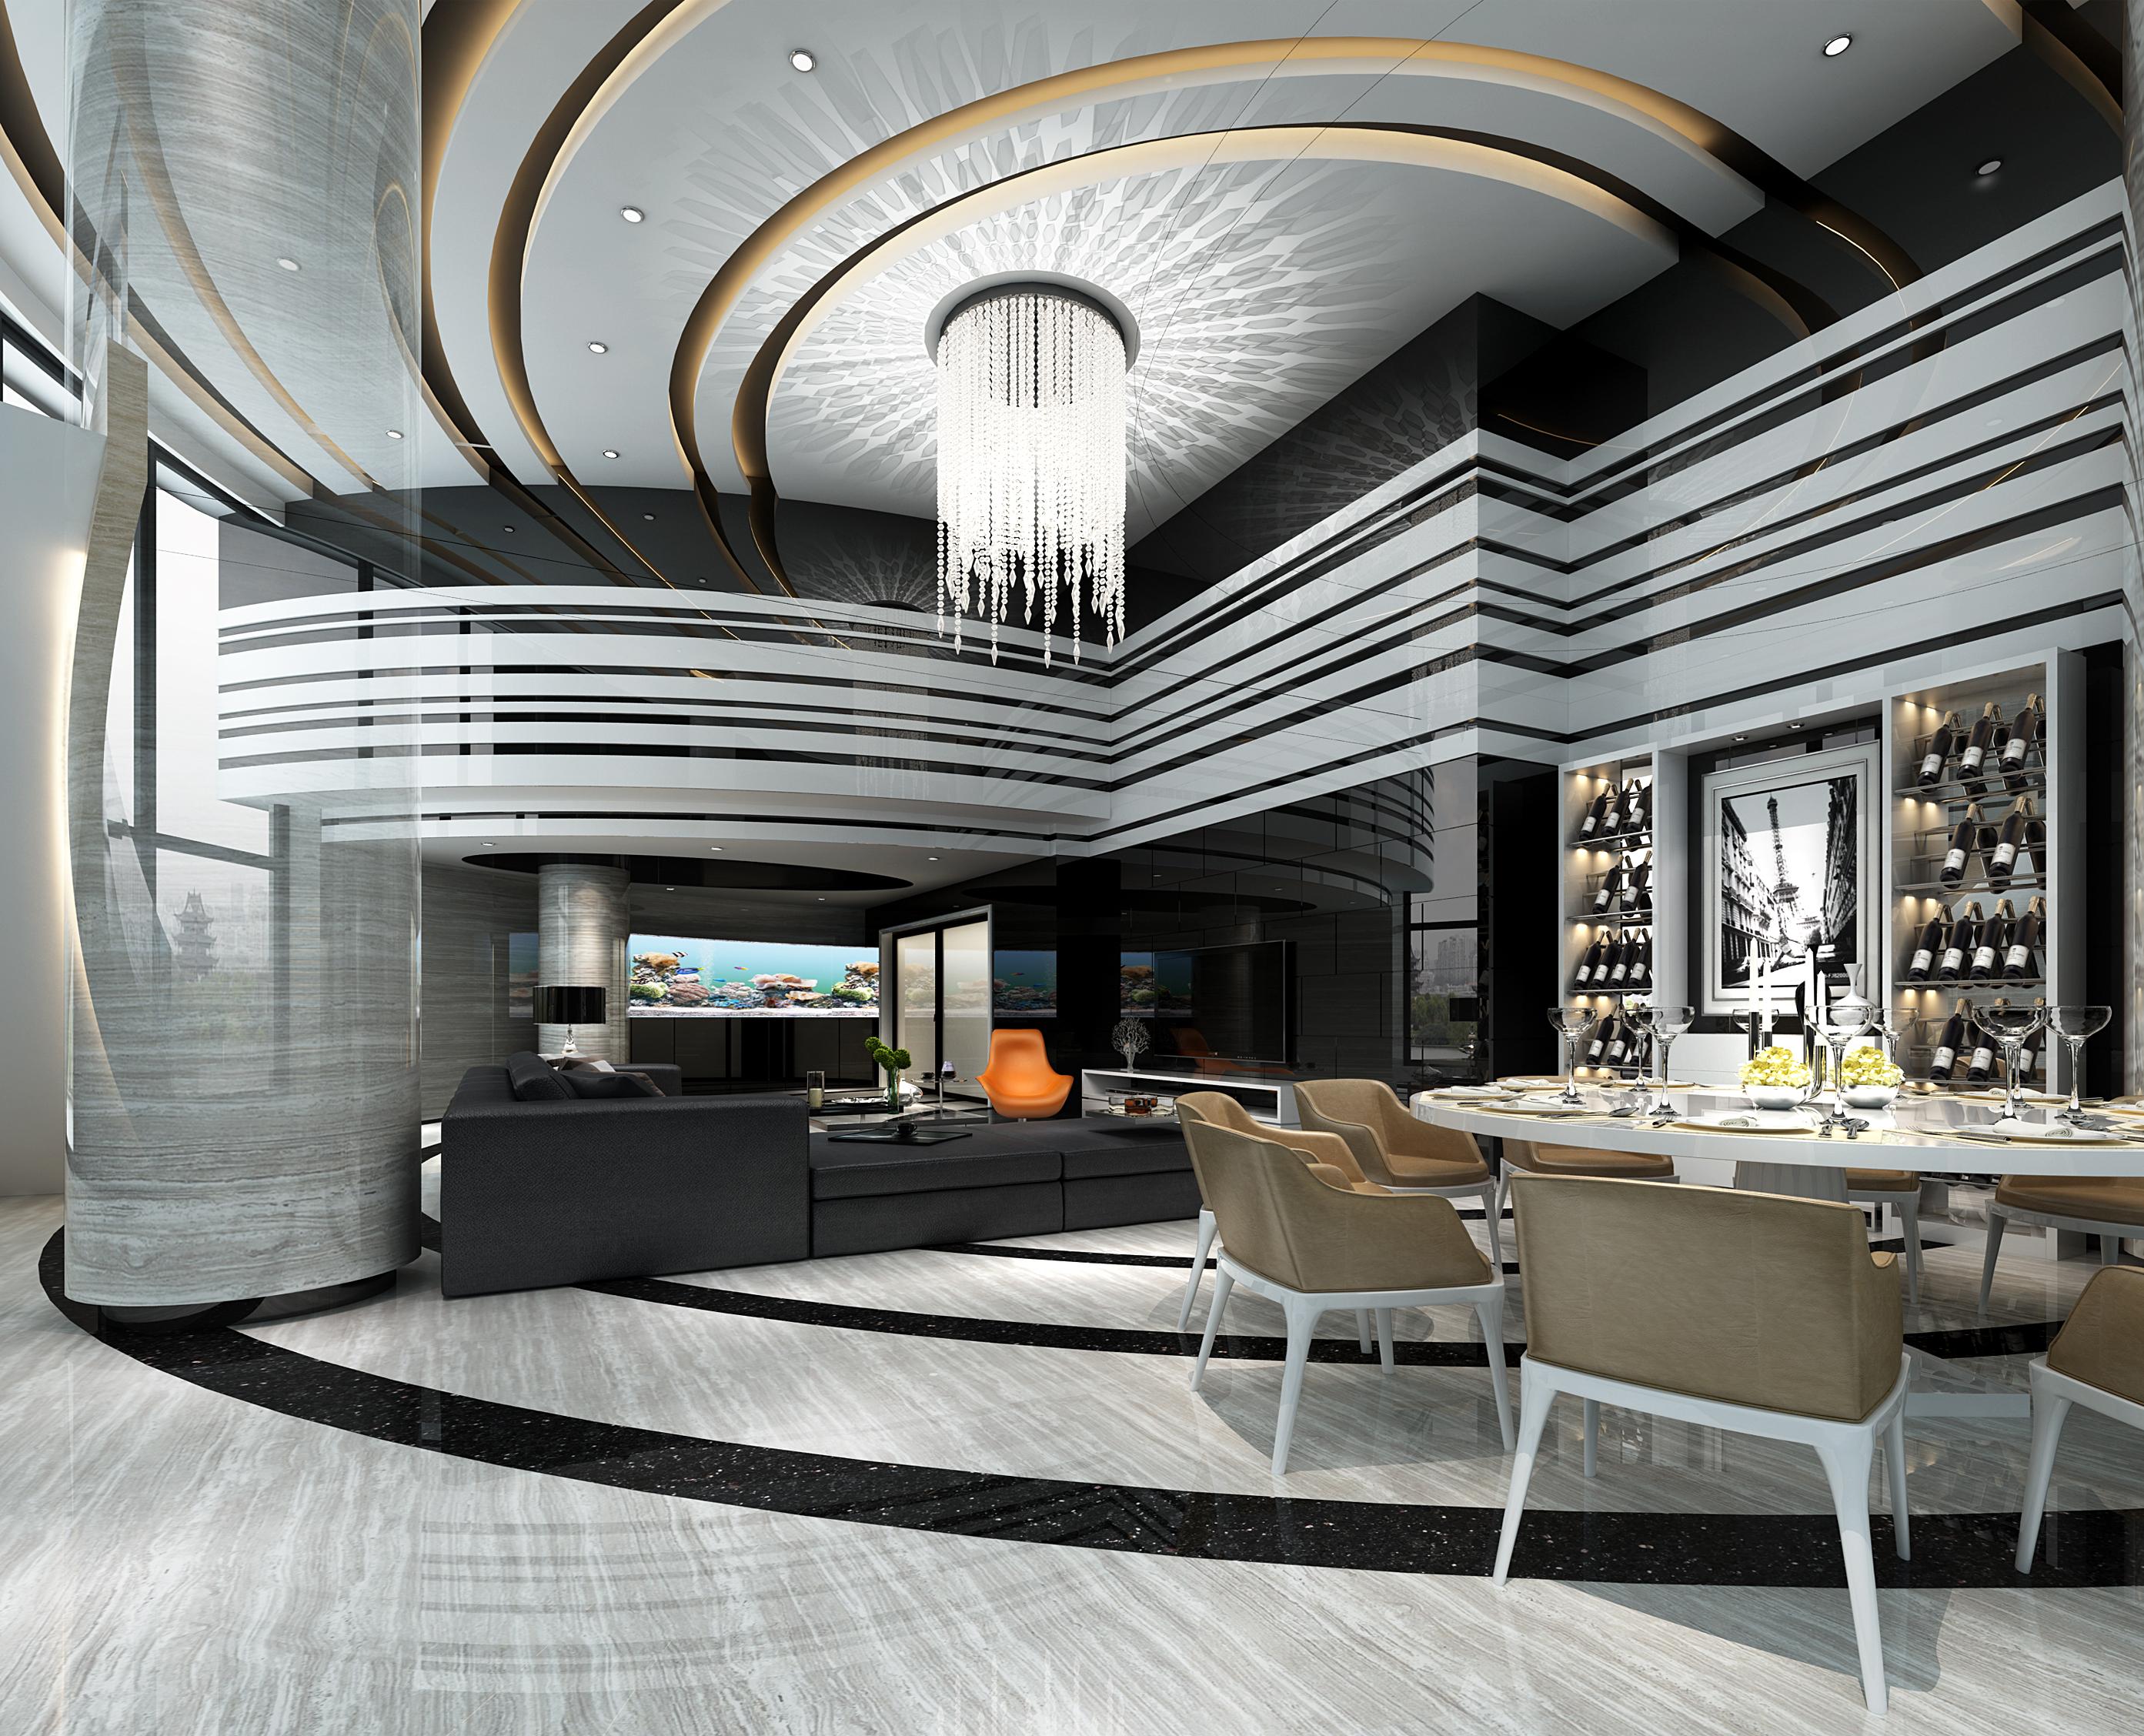 客餐厅 摩登 水景吊灯 轻奢 奢华图片来自几墨空间设计在几墨设计   摩登未来的分享